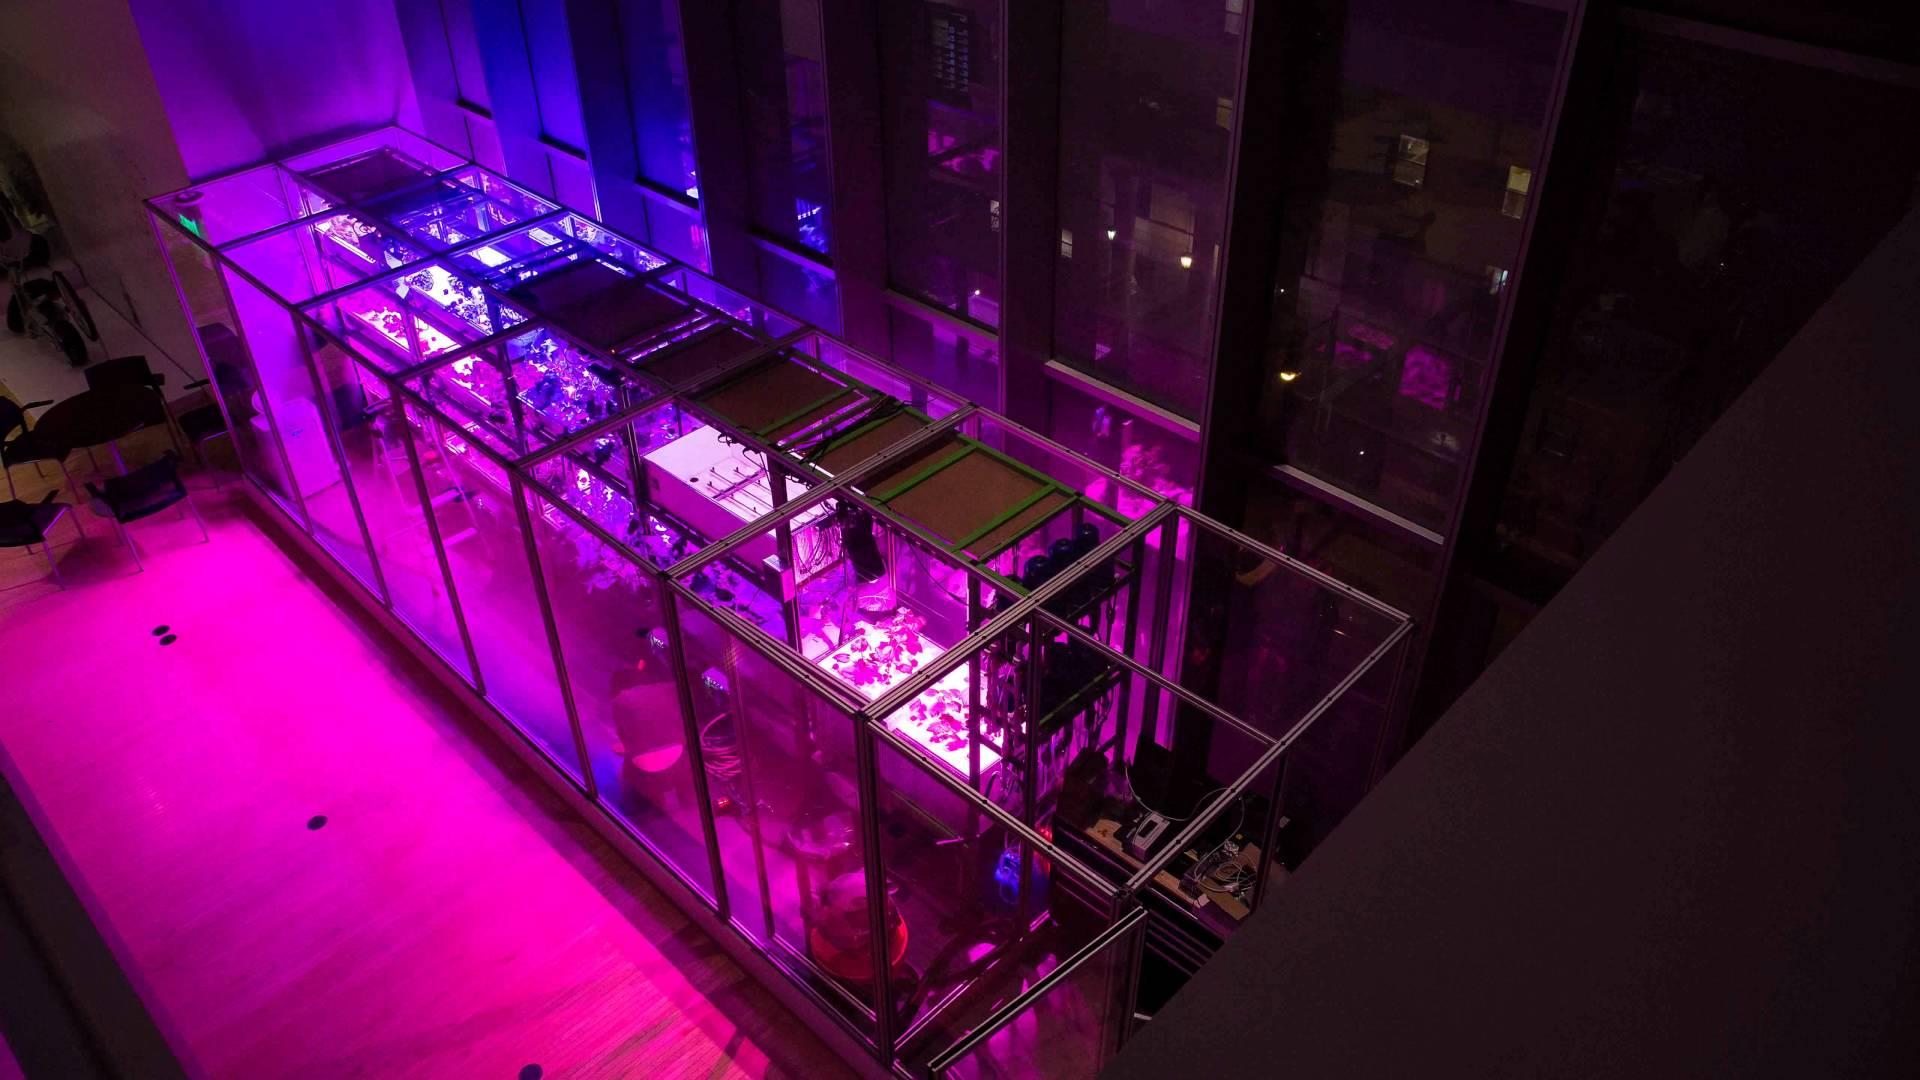 искусственный интеллект позволит получить растения с заданными свойствами